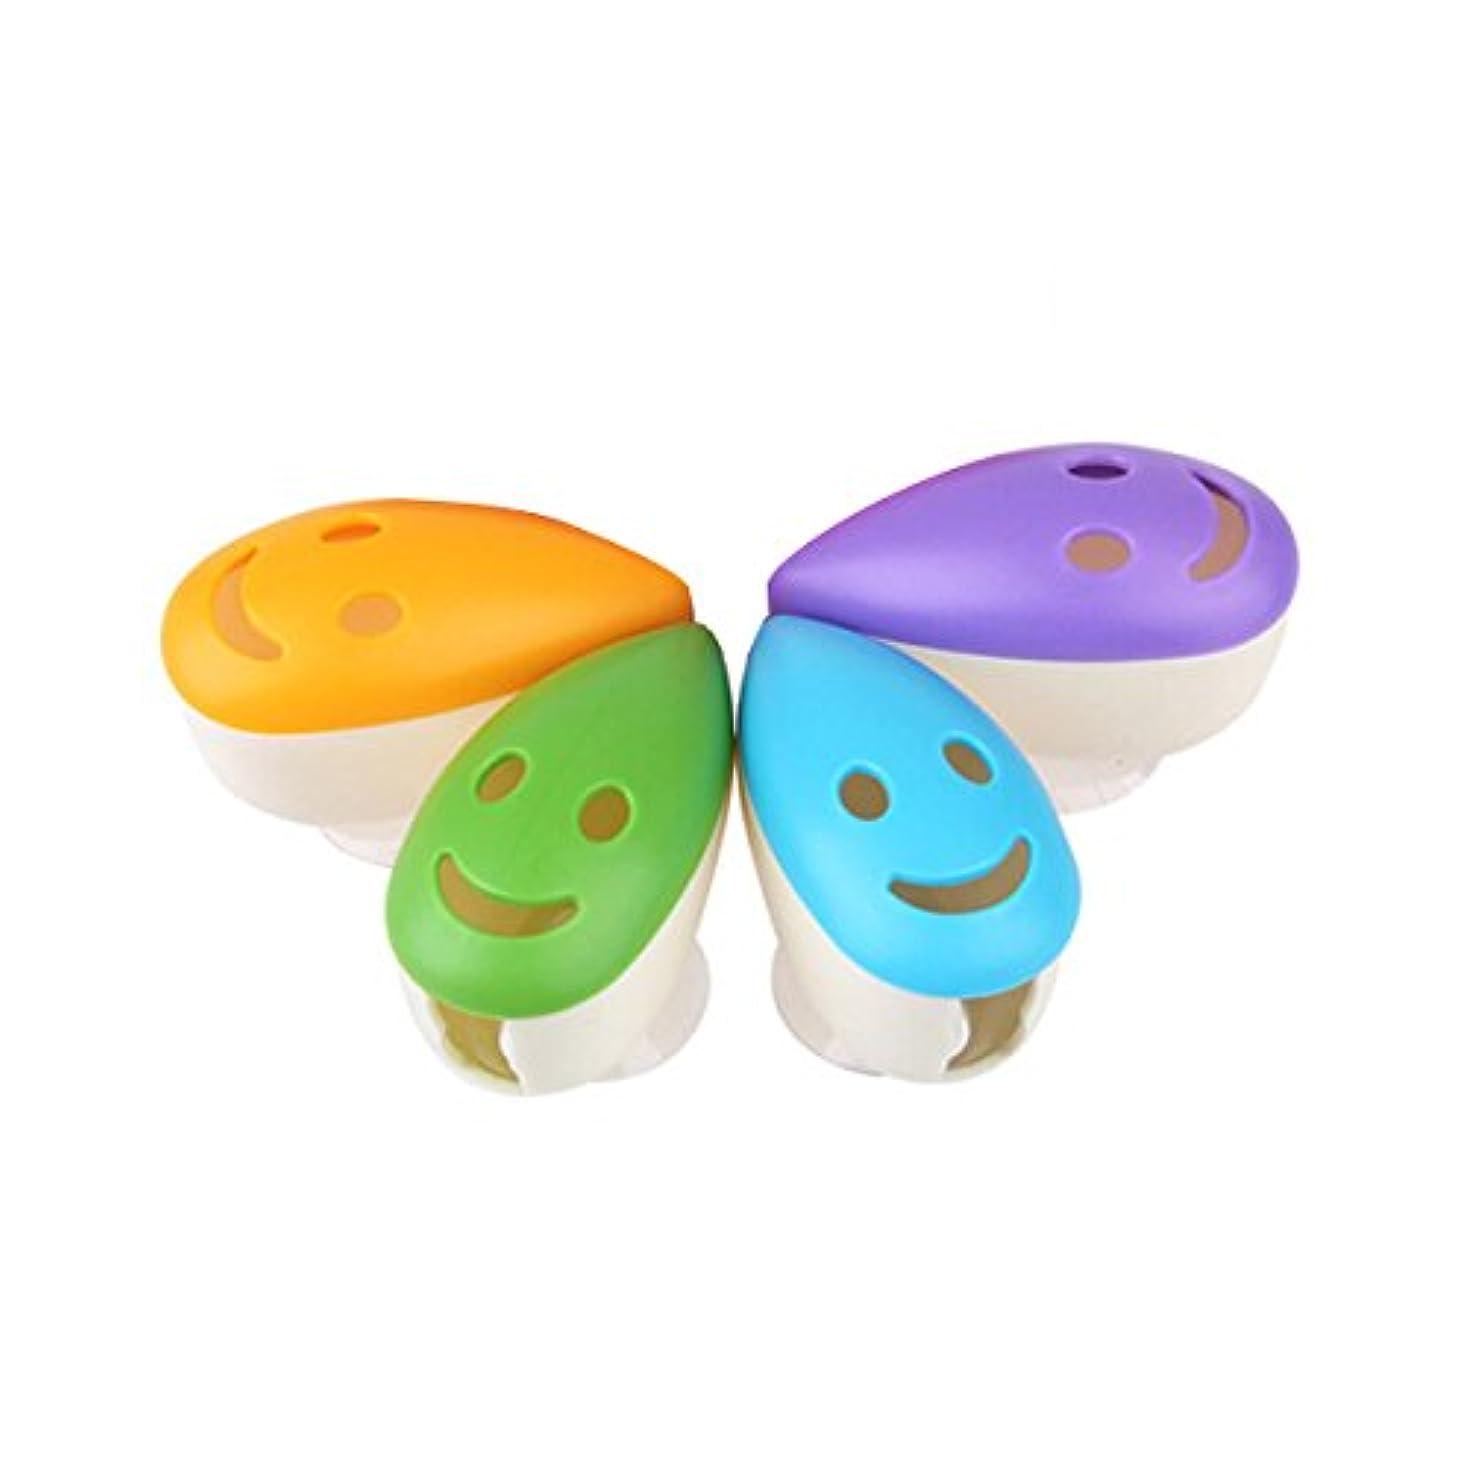 検索エンジンマーケティング伝記特徴づけるROSENICE スマイルフェイス抗菌歯ブラシヘッドホルダーサクションカップ4本用